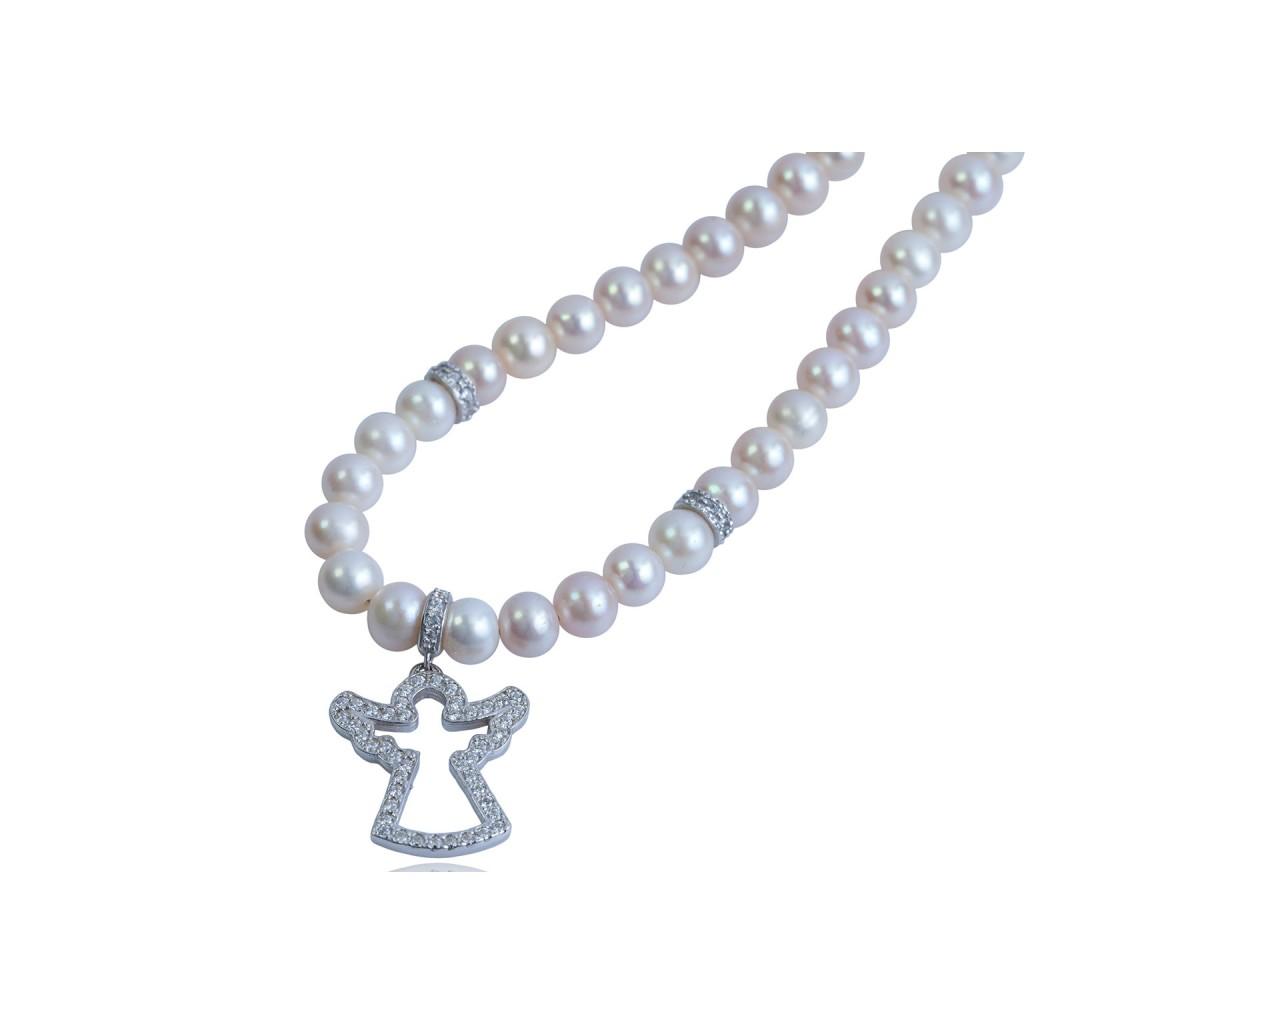 Collana in argento 925 con perle di fiume e ciondolo